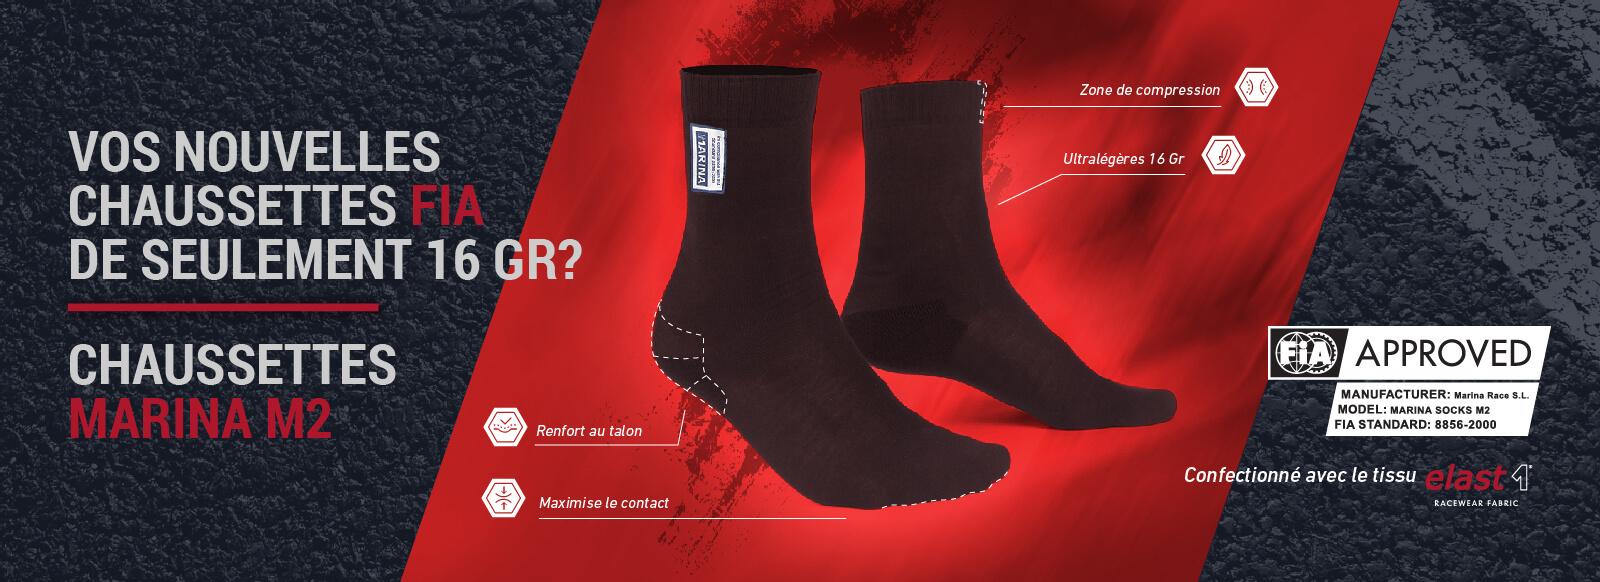 chaussettes-M2-16gr-FIA.jpg